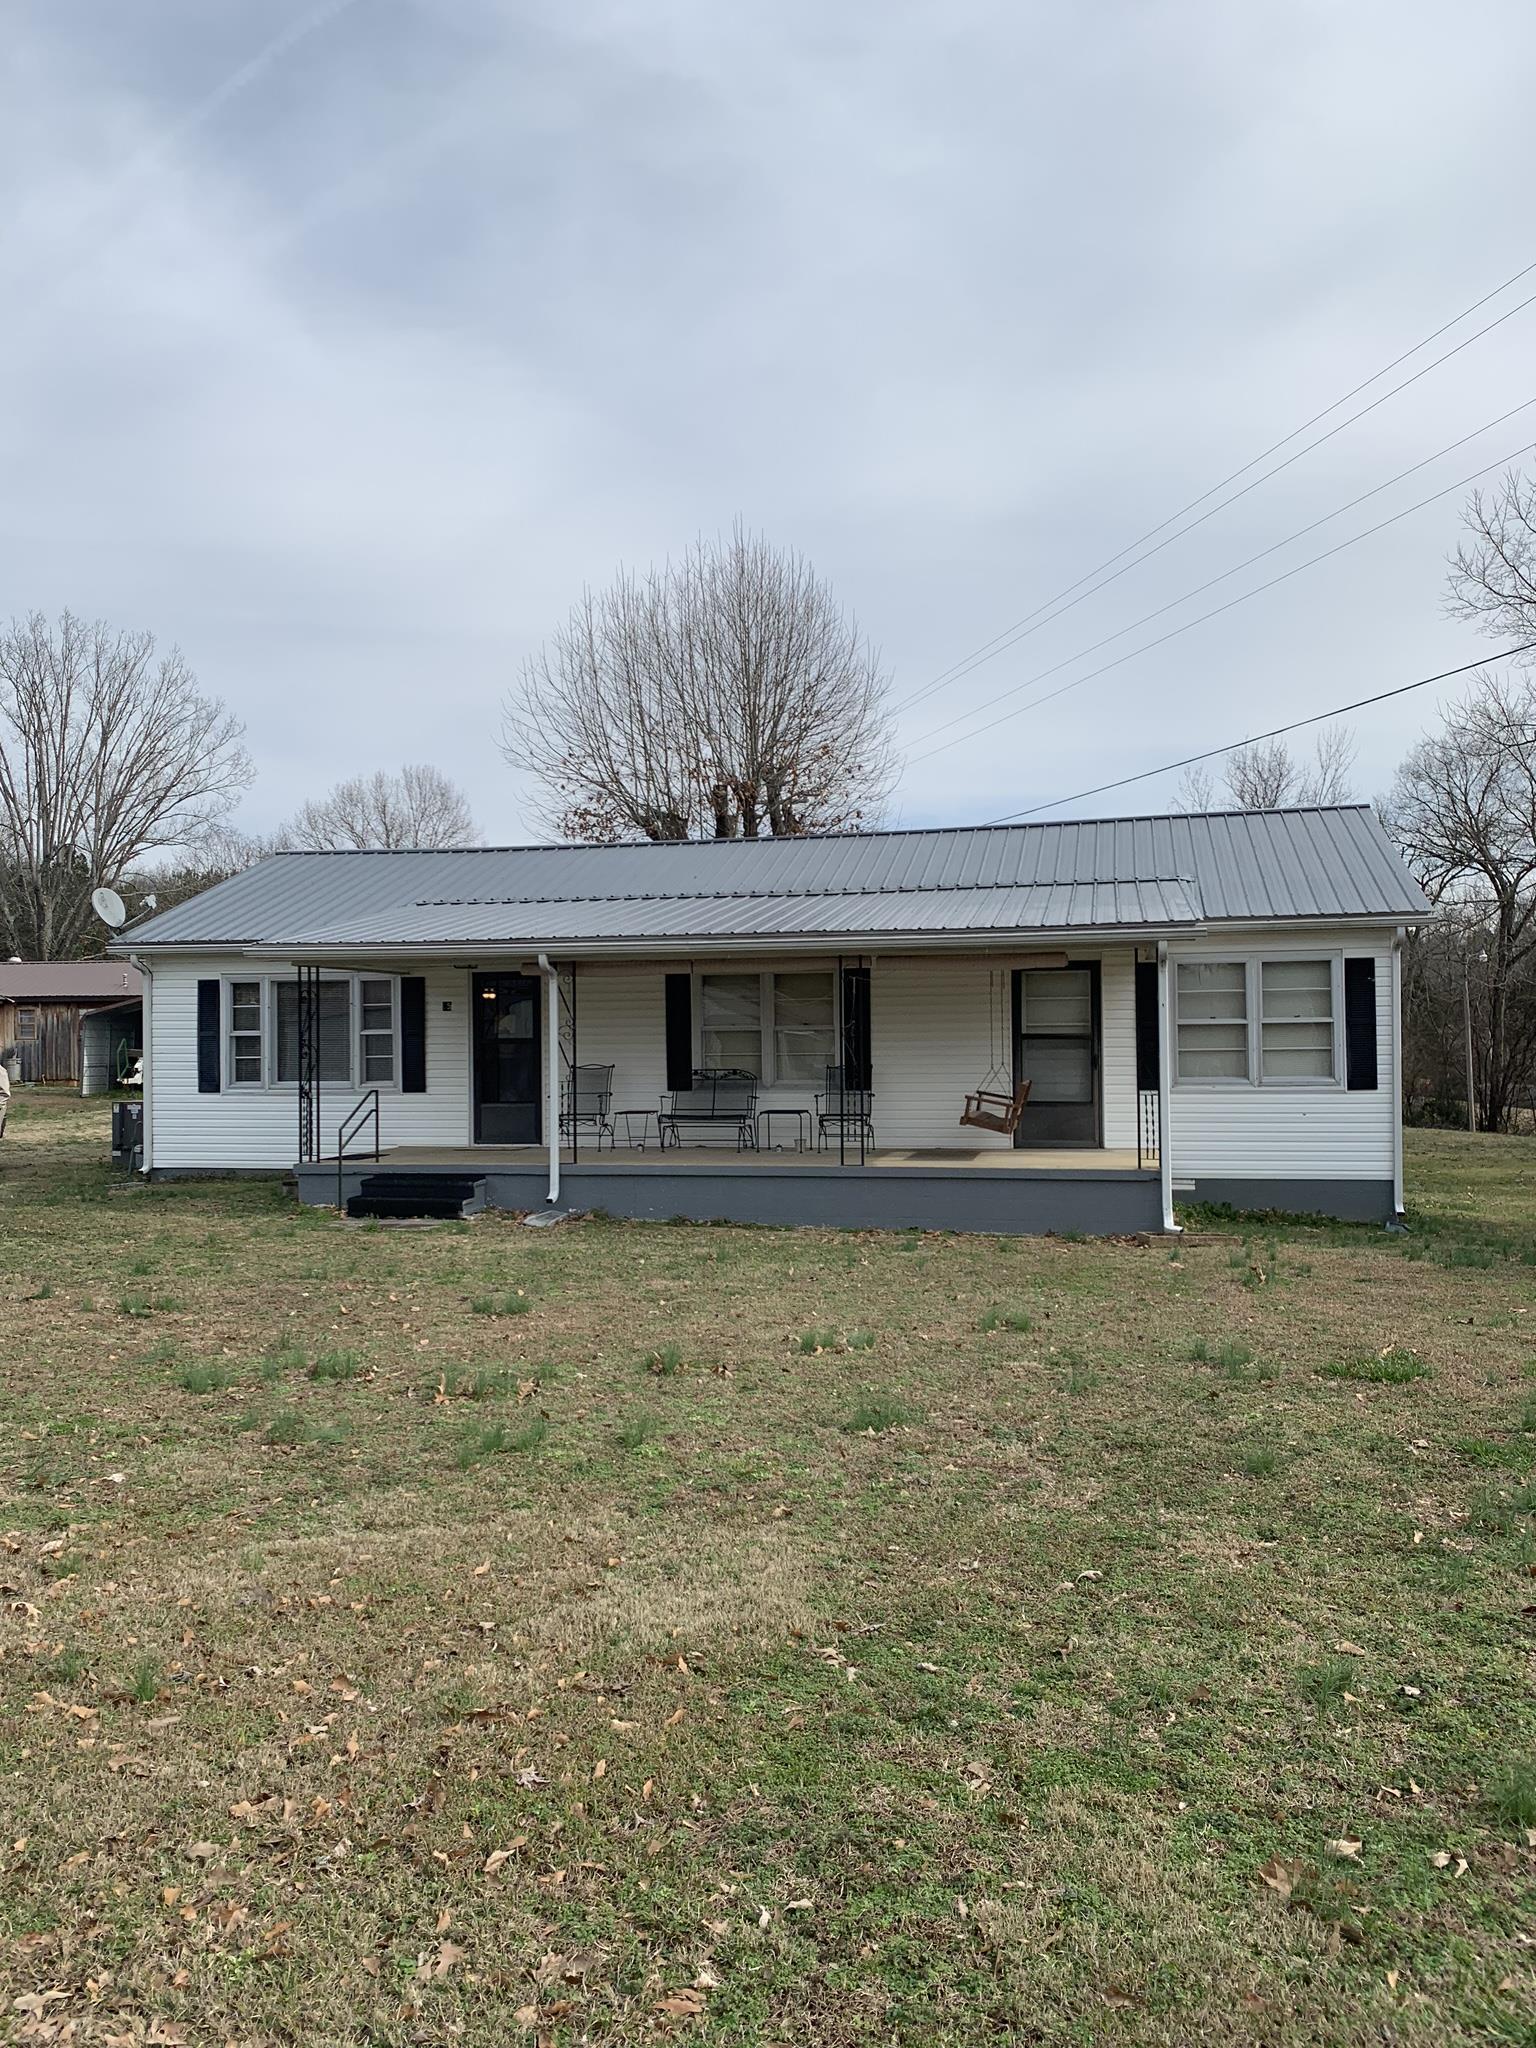 25 Eagle Nest Rd, Linden, TN 37096 - Linden, TN real estate listing